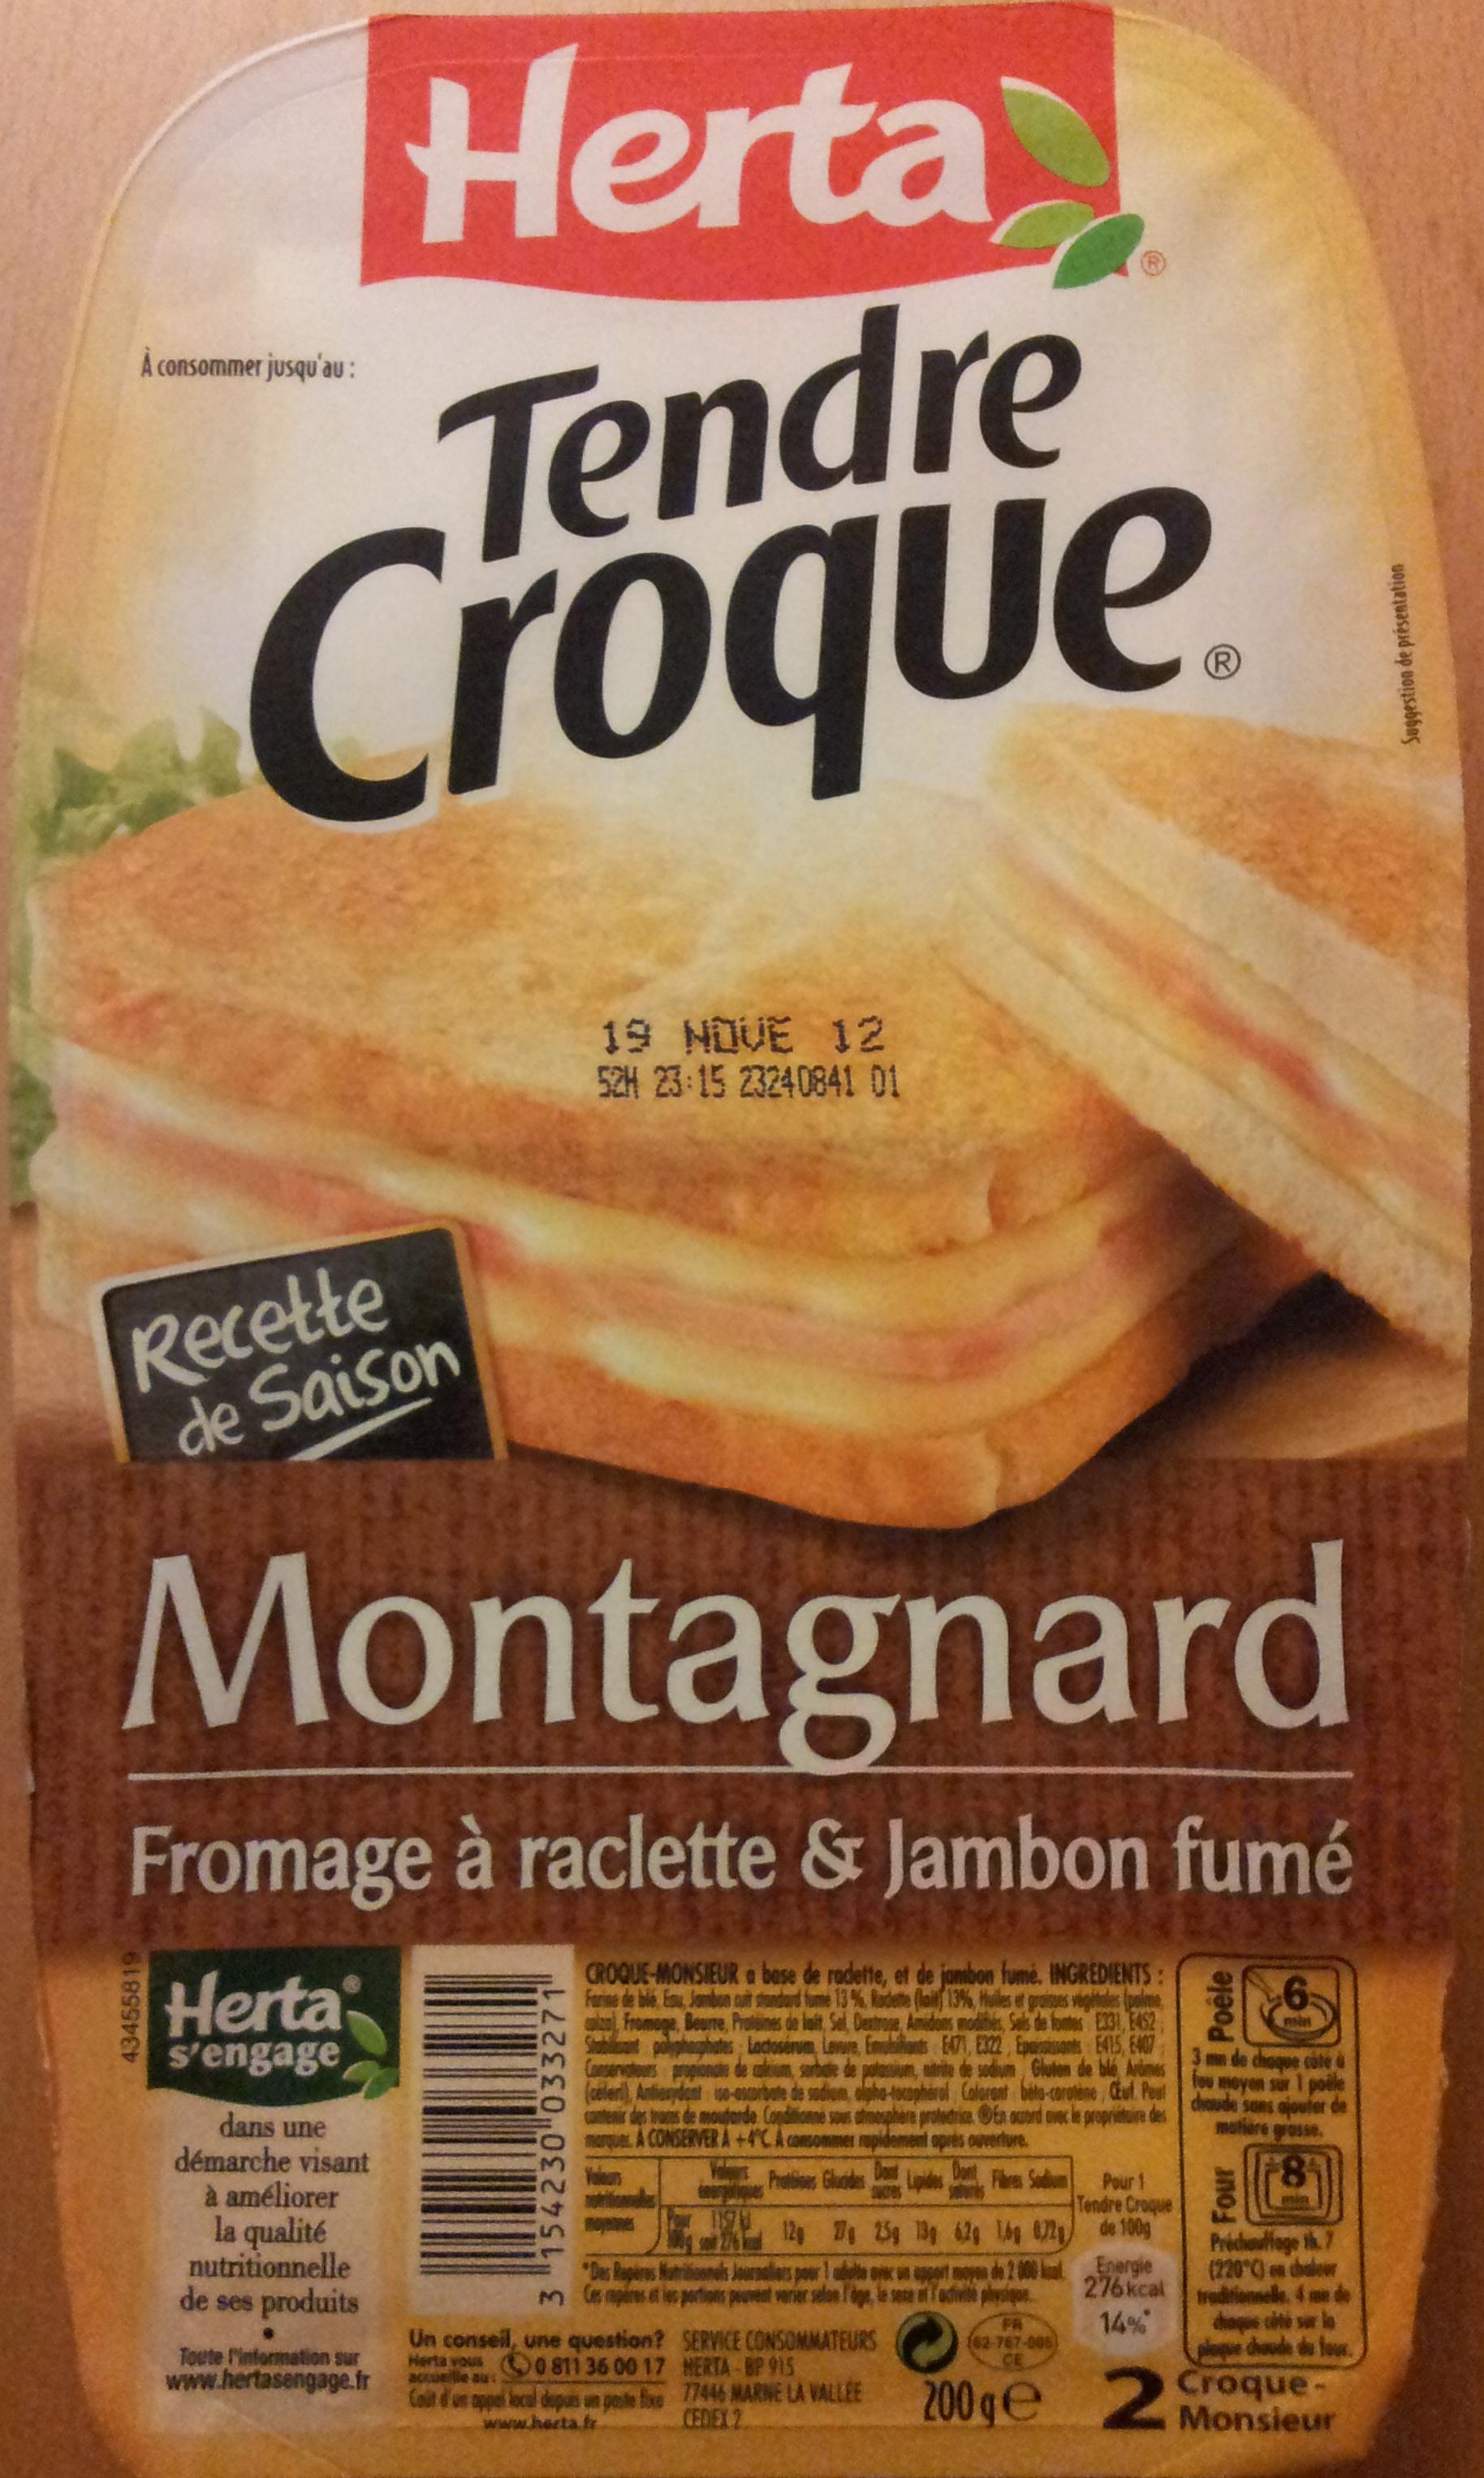 Tendre Croque, Montagnard (Fromage à raclette & Jambon fumé) - Product - fr